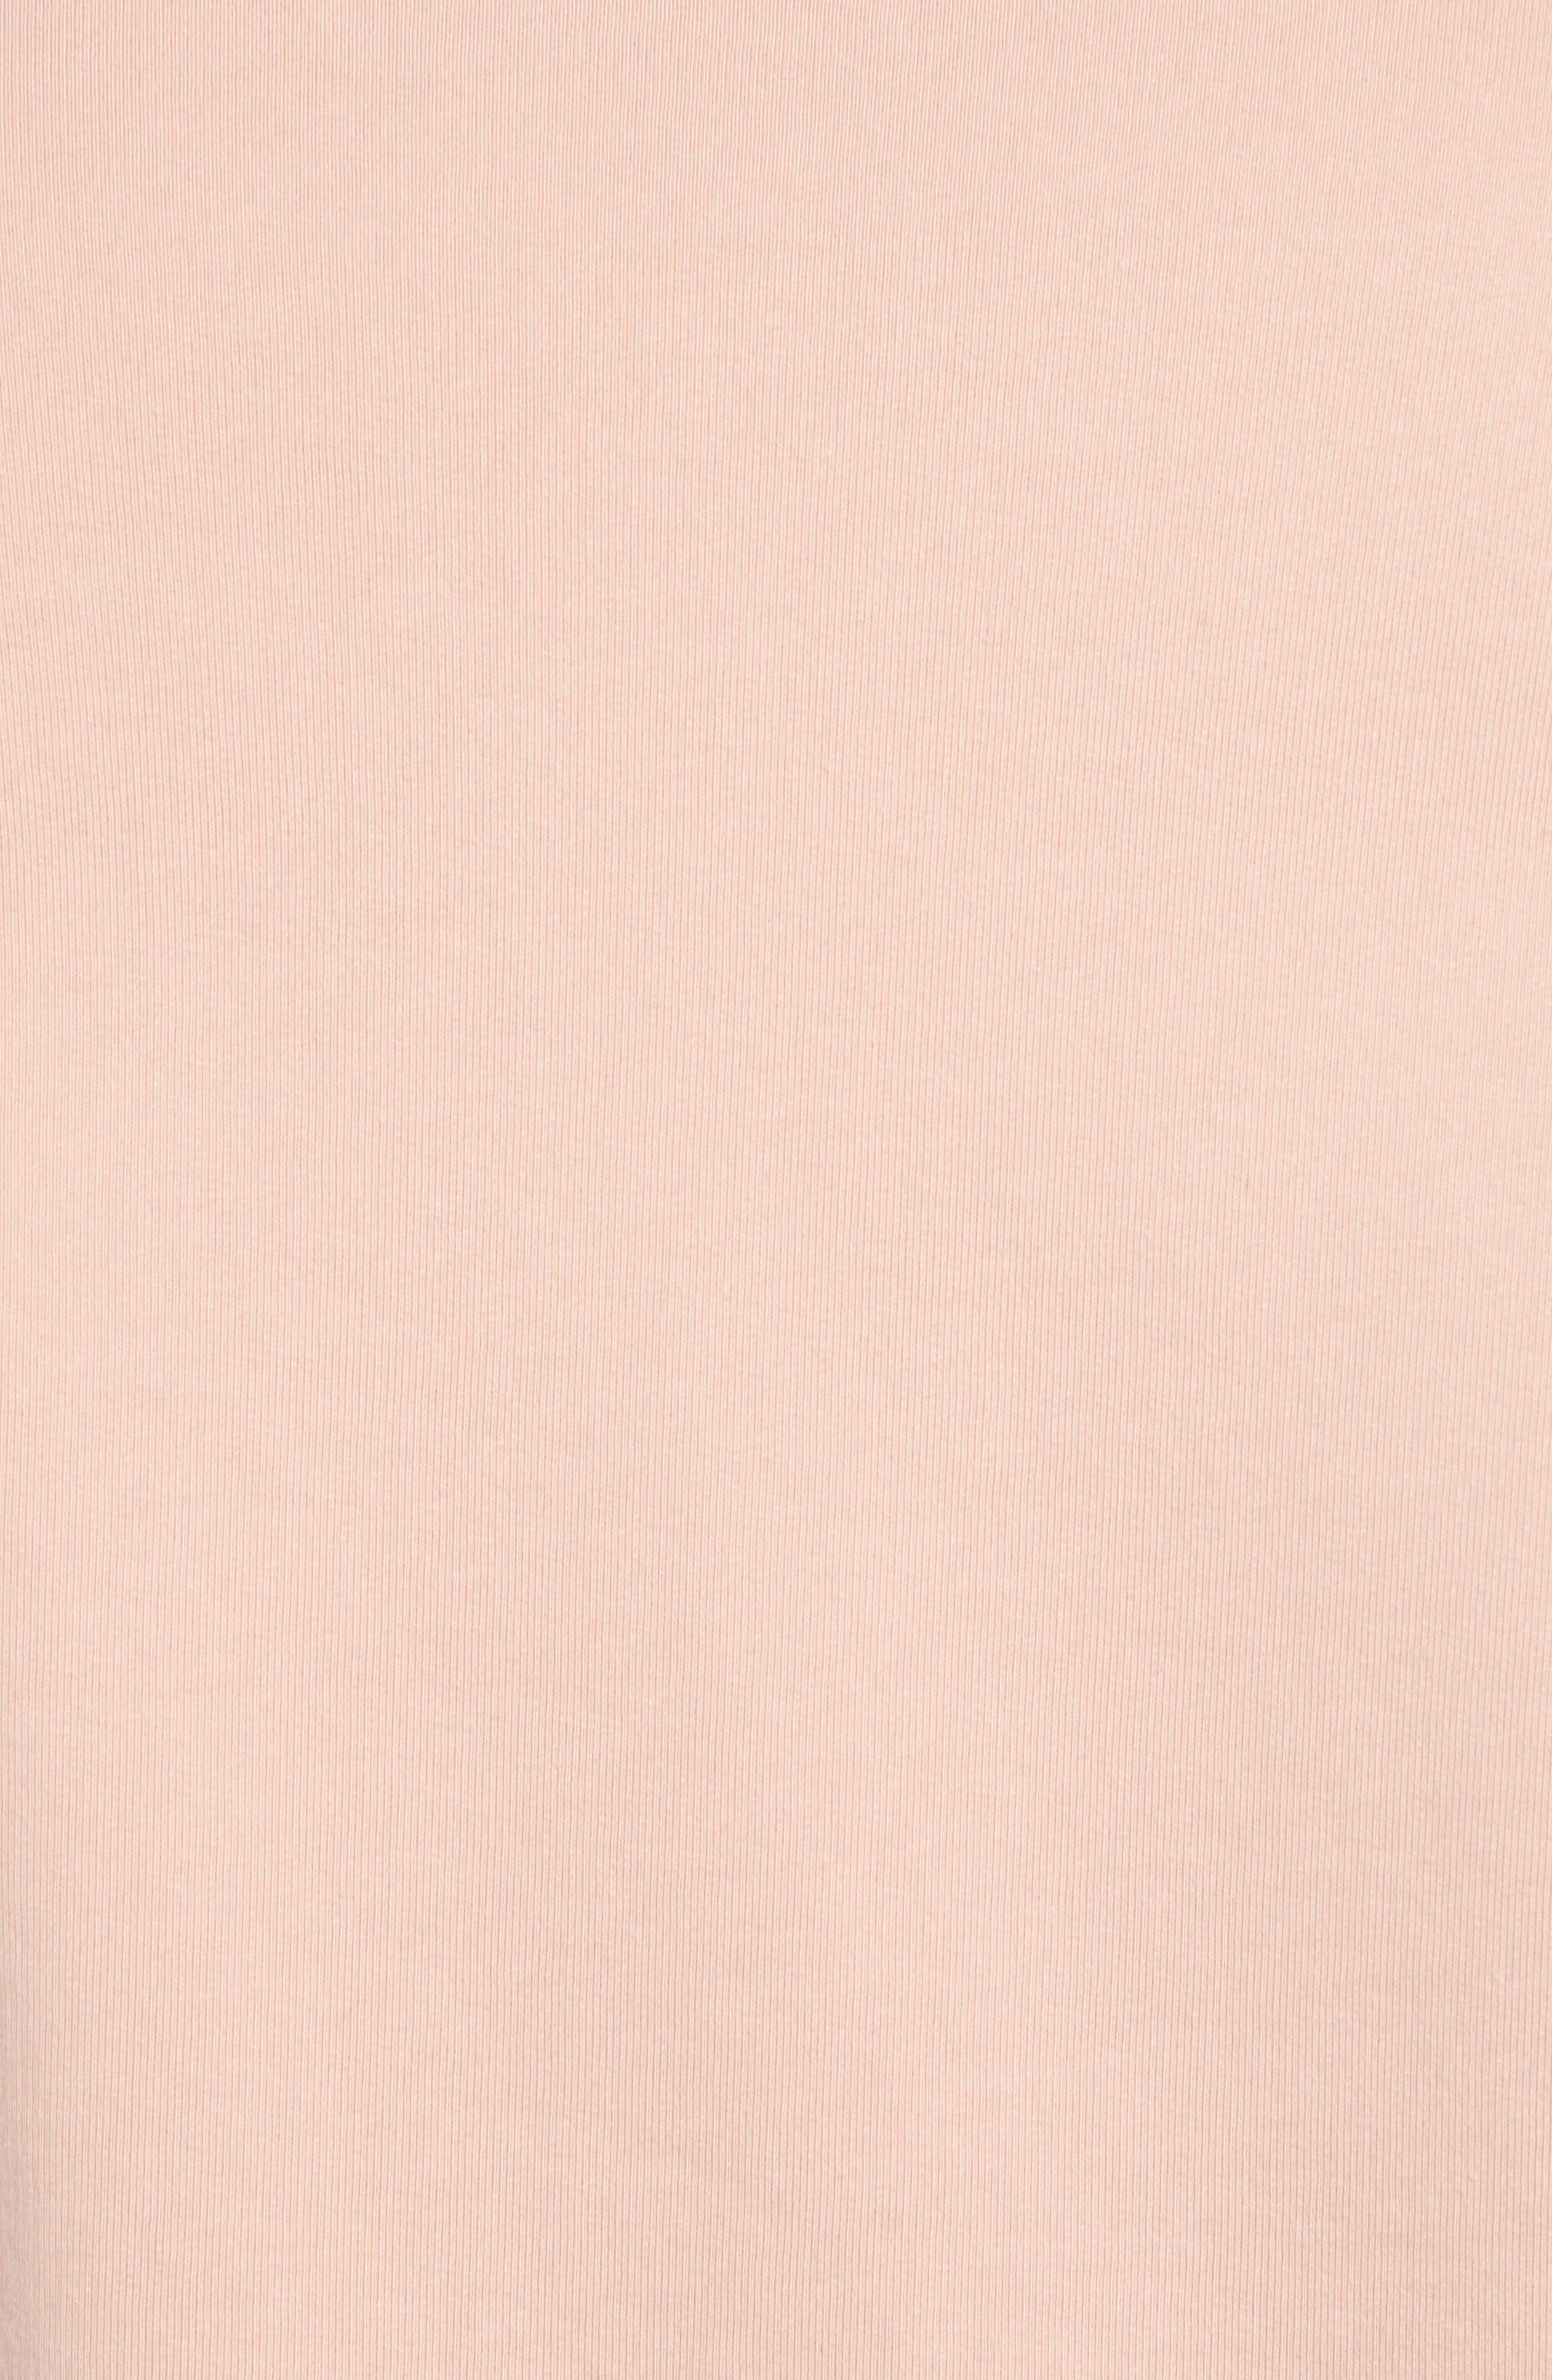 RICHER POORER, Crewneck Cotton Sweatshirt, Alternate thumbnail 5, color, BLUSH